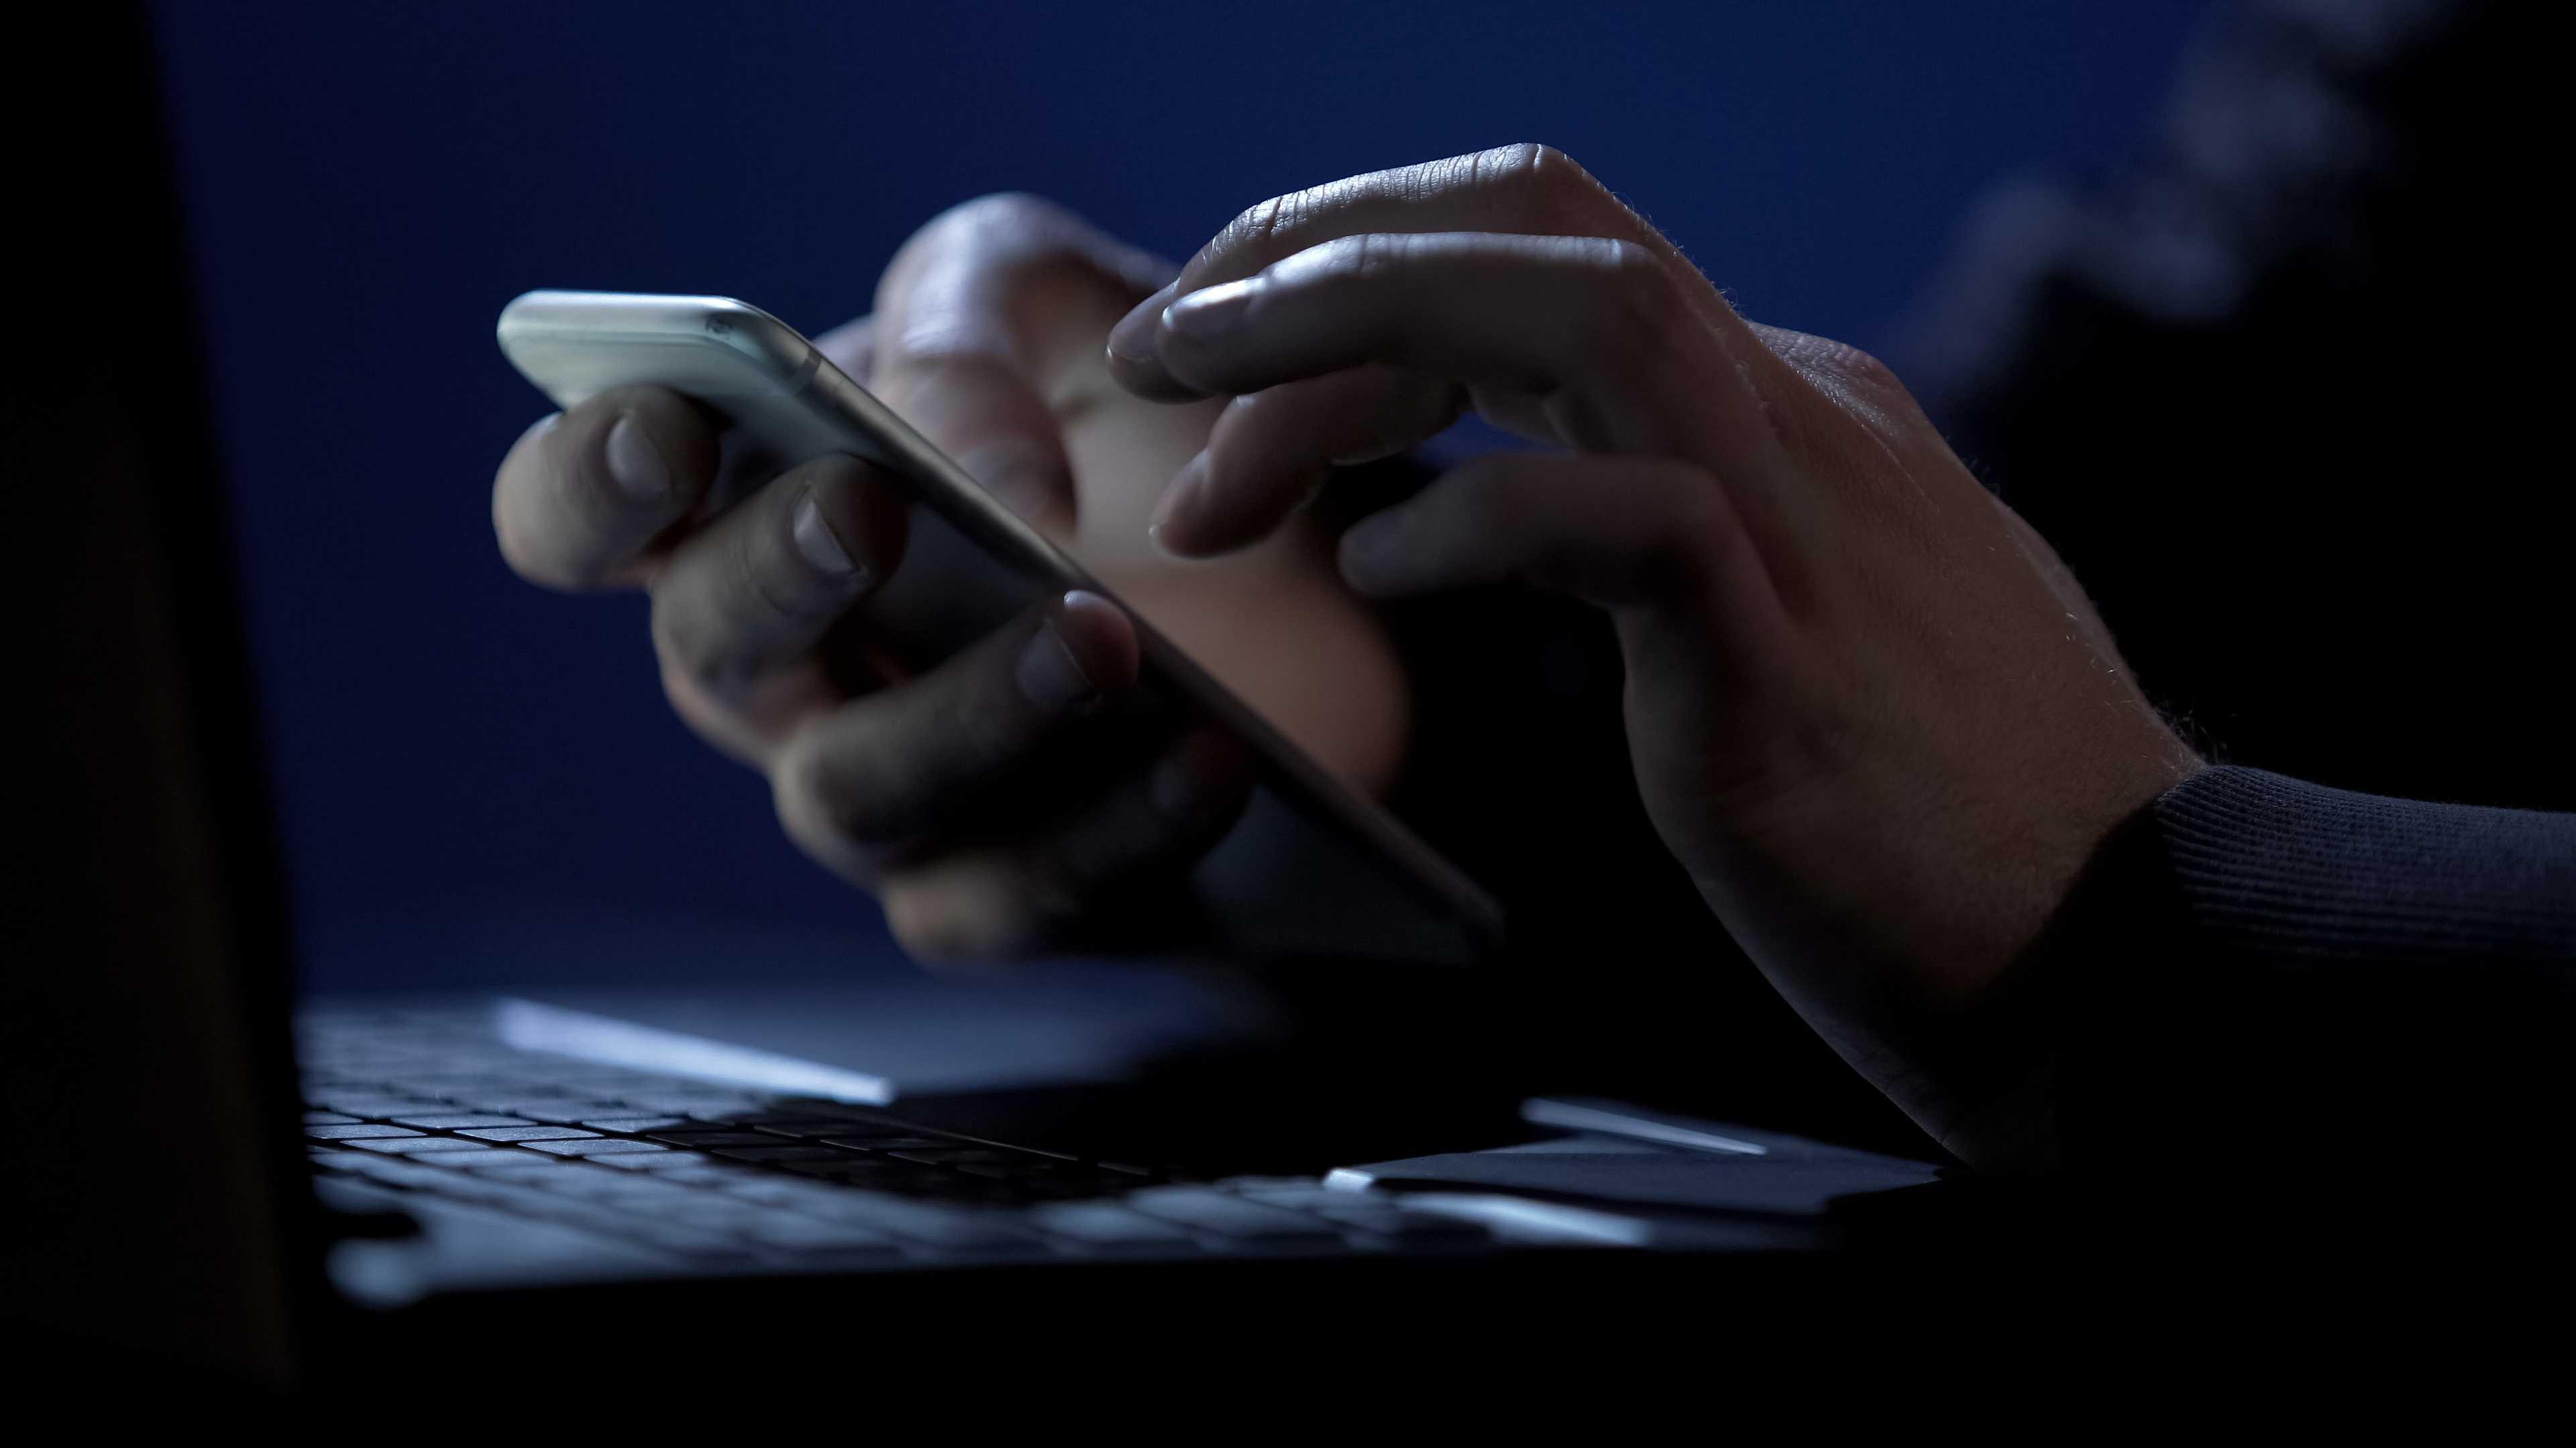 Entschlüsselungs-Key für iPhone-Secure-Enclave: Apple ließ Tweet entfernen